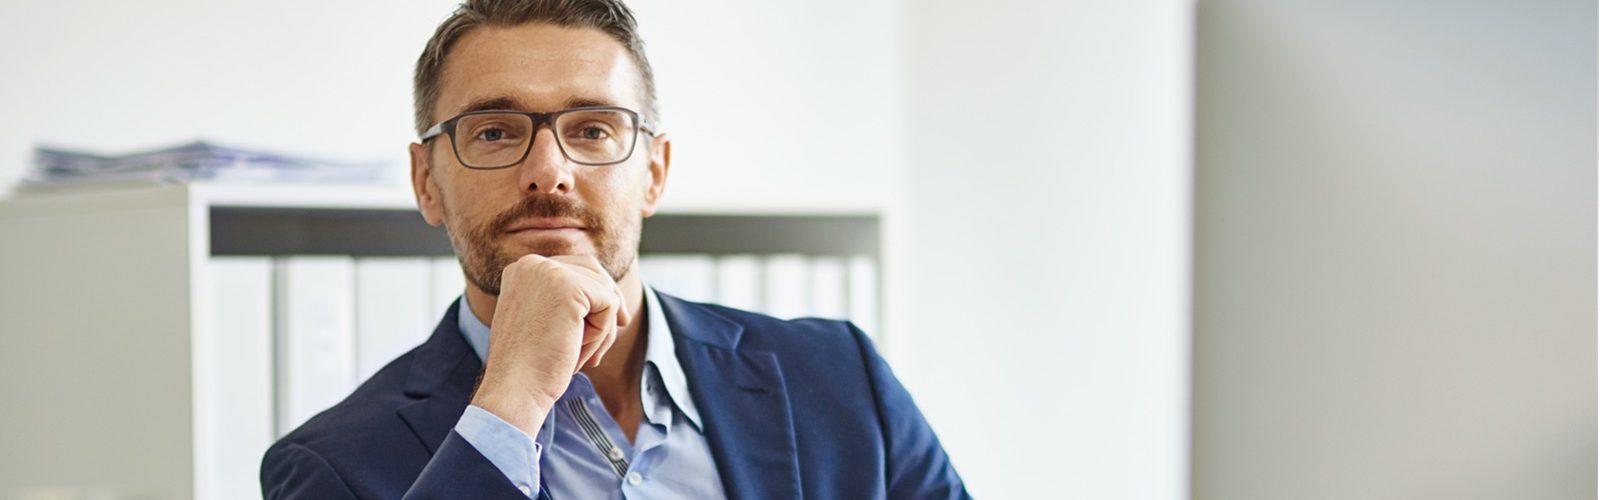 Mann über 45 mit Brille im Büro.